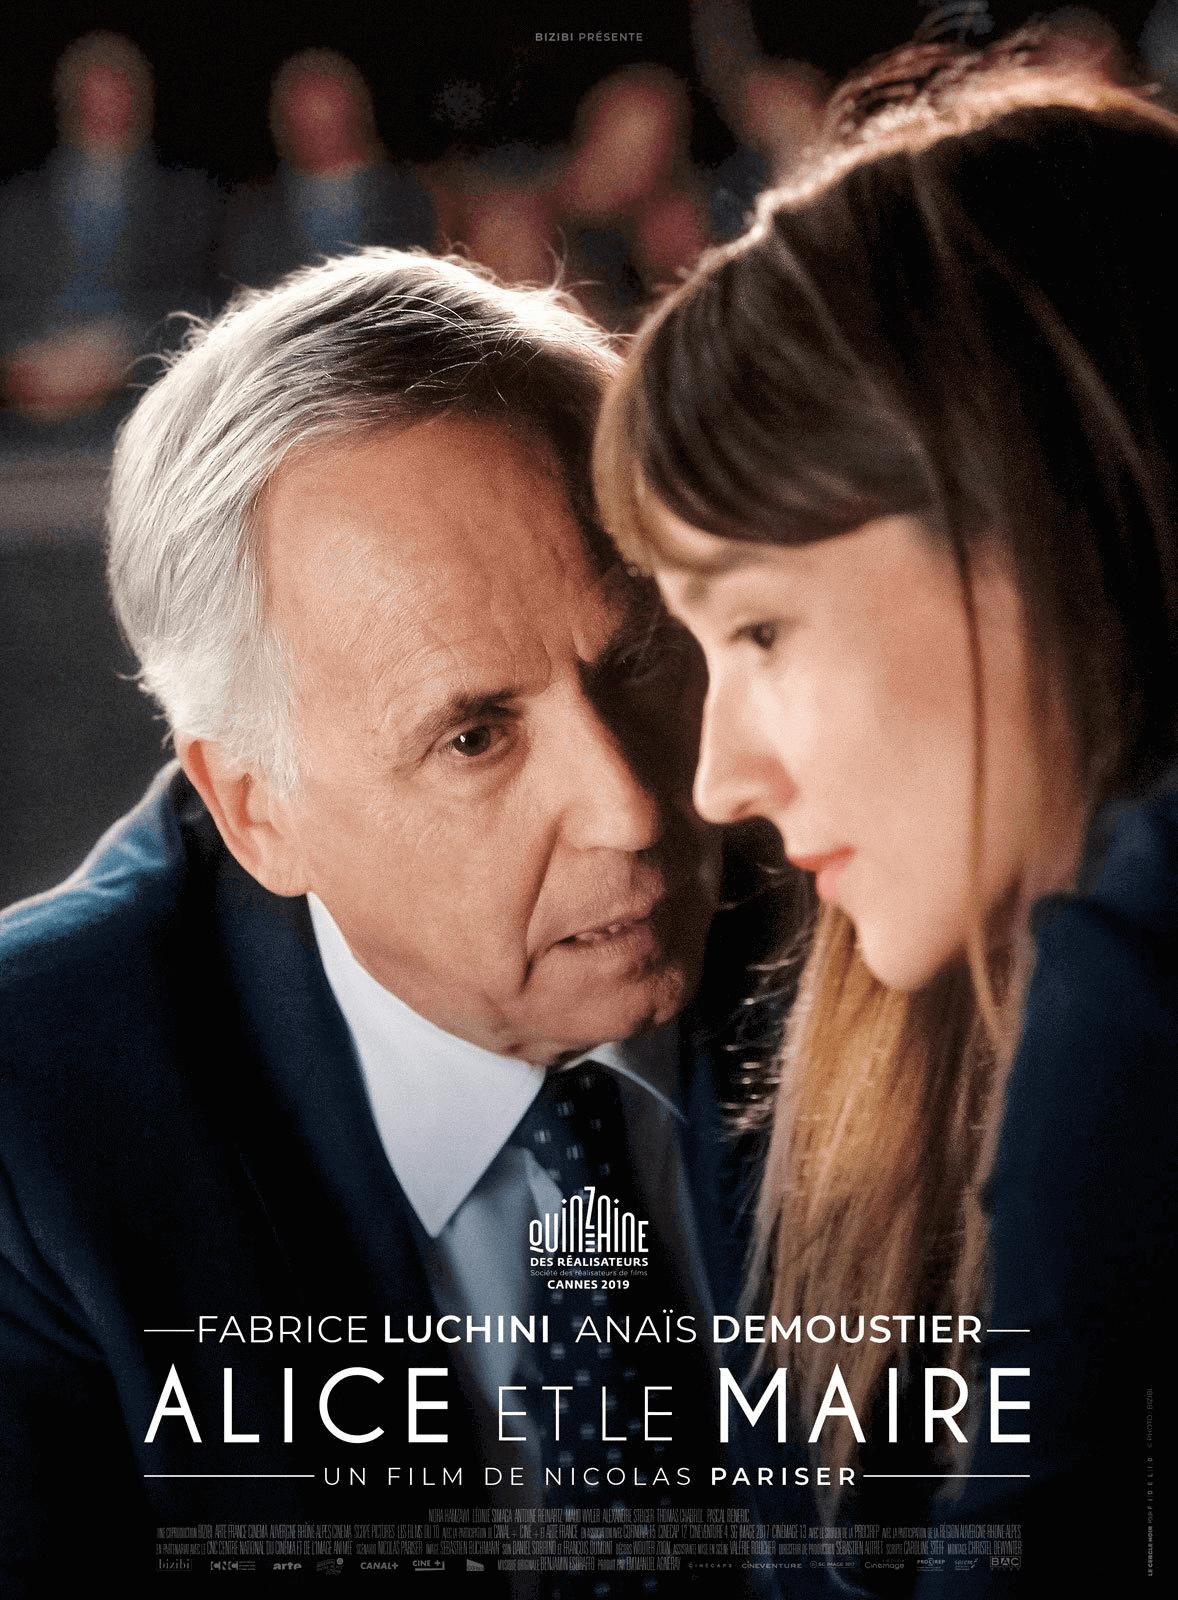 Alice et le maire, de Nicolas Pariser, avec Fabrice Luchini, Anaïs Demoustier, Nora Hamzawi. DVD, BlueRay, M6video.